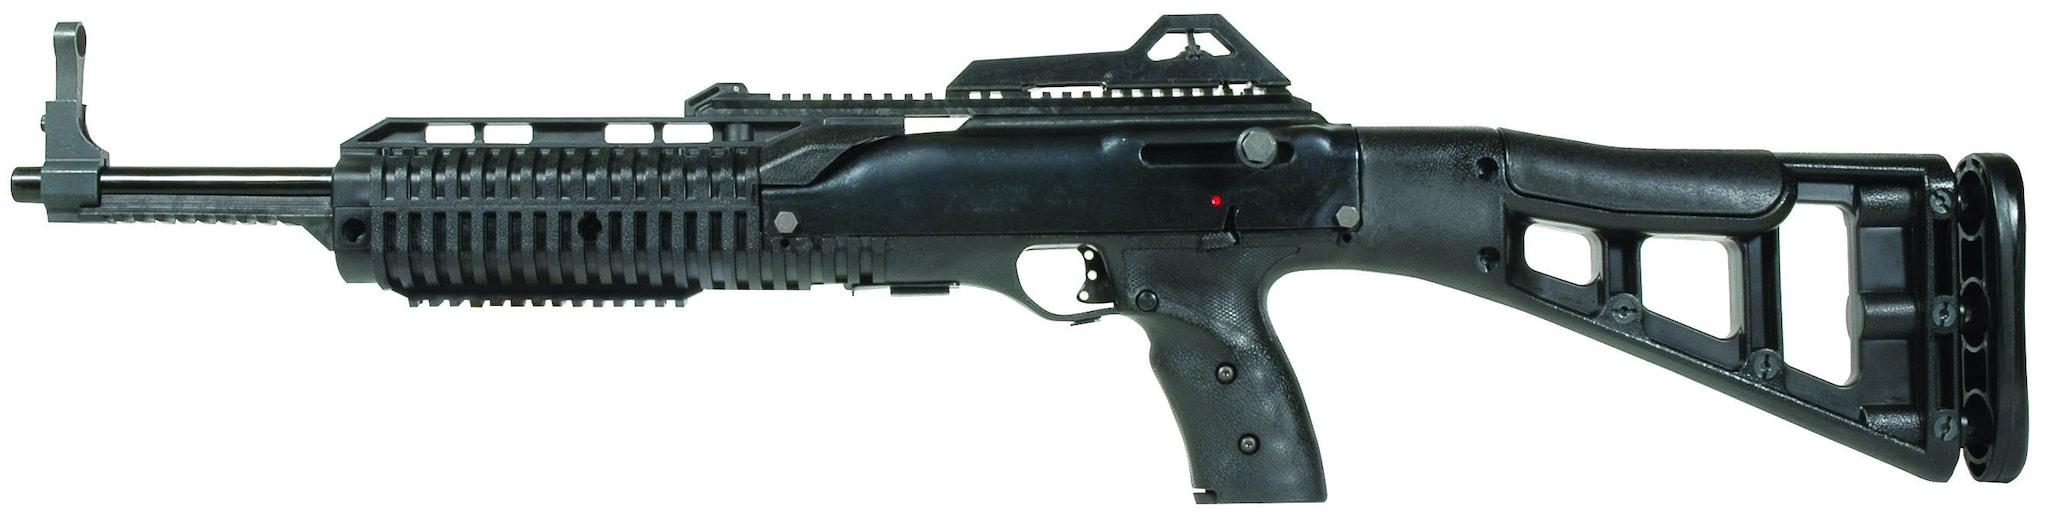 long barrel firearm